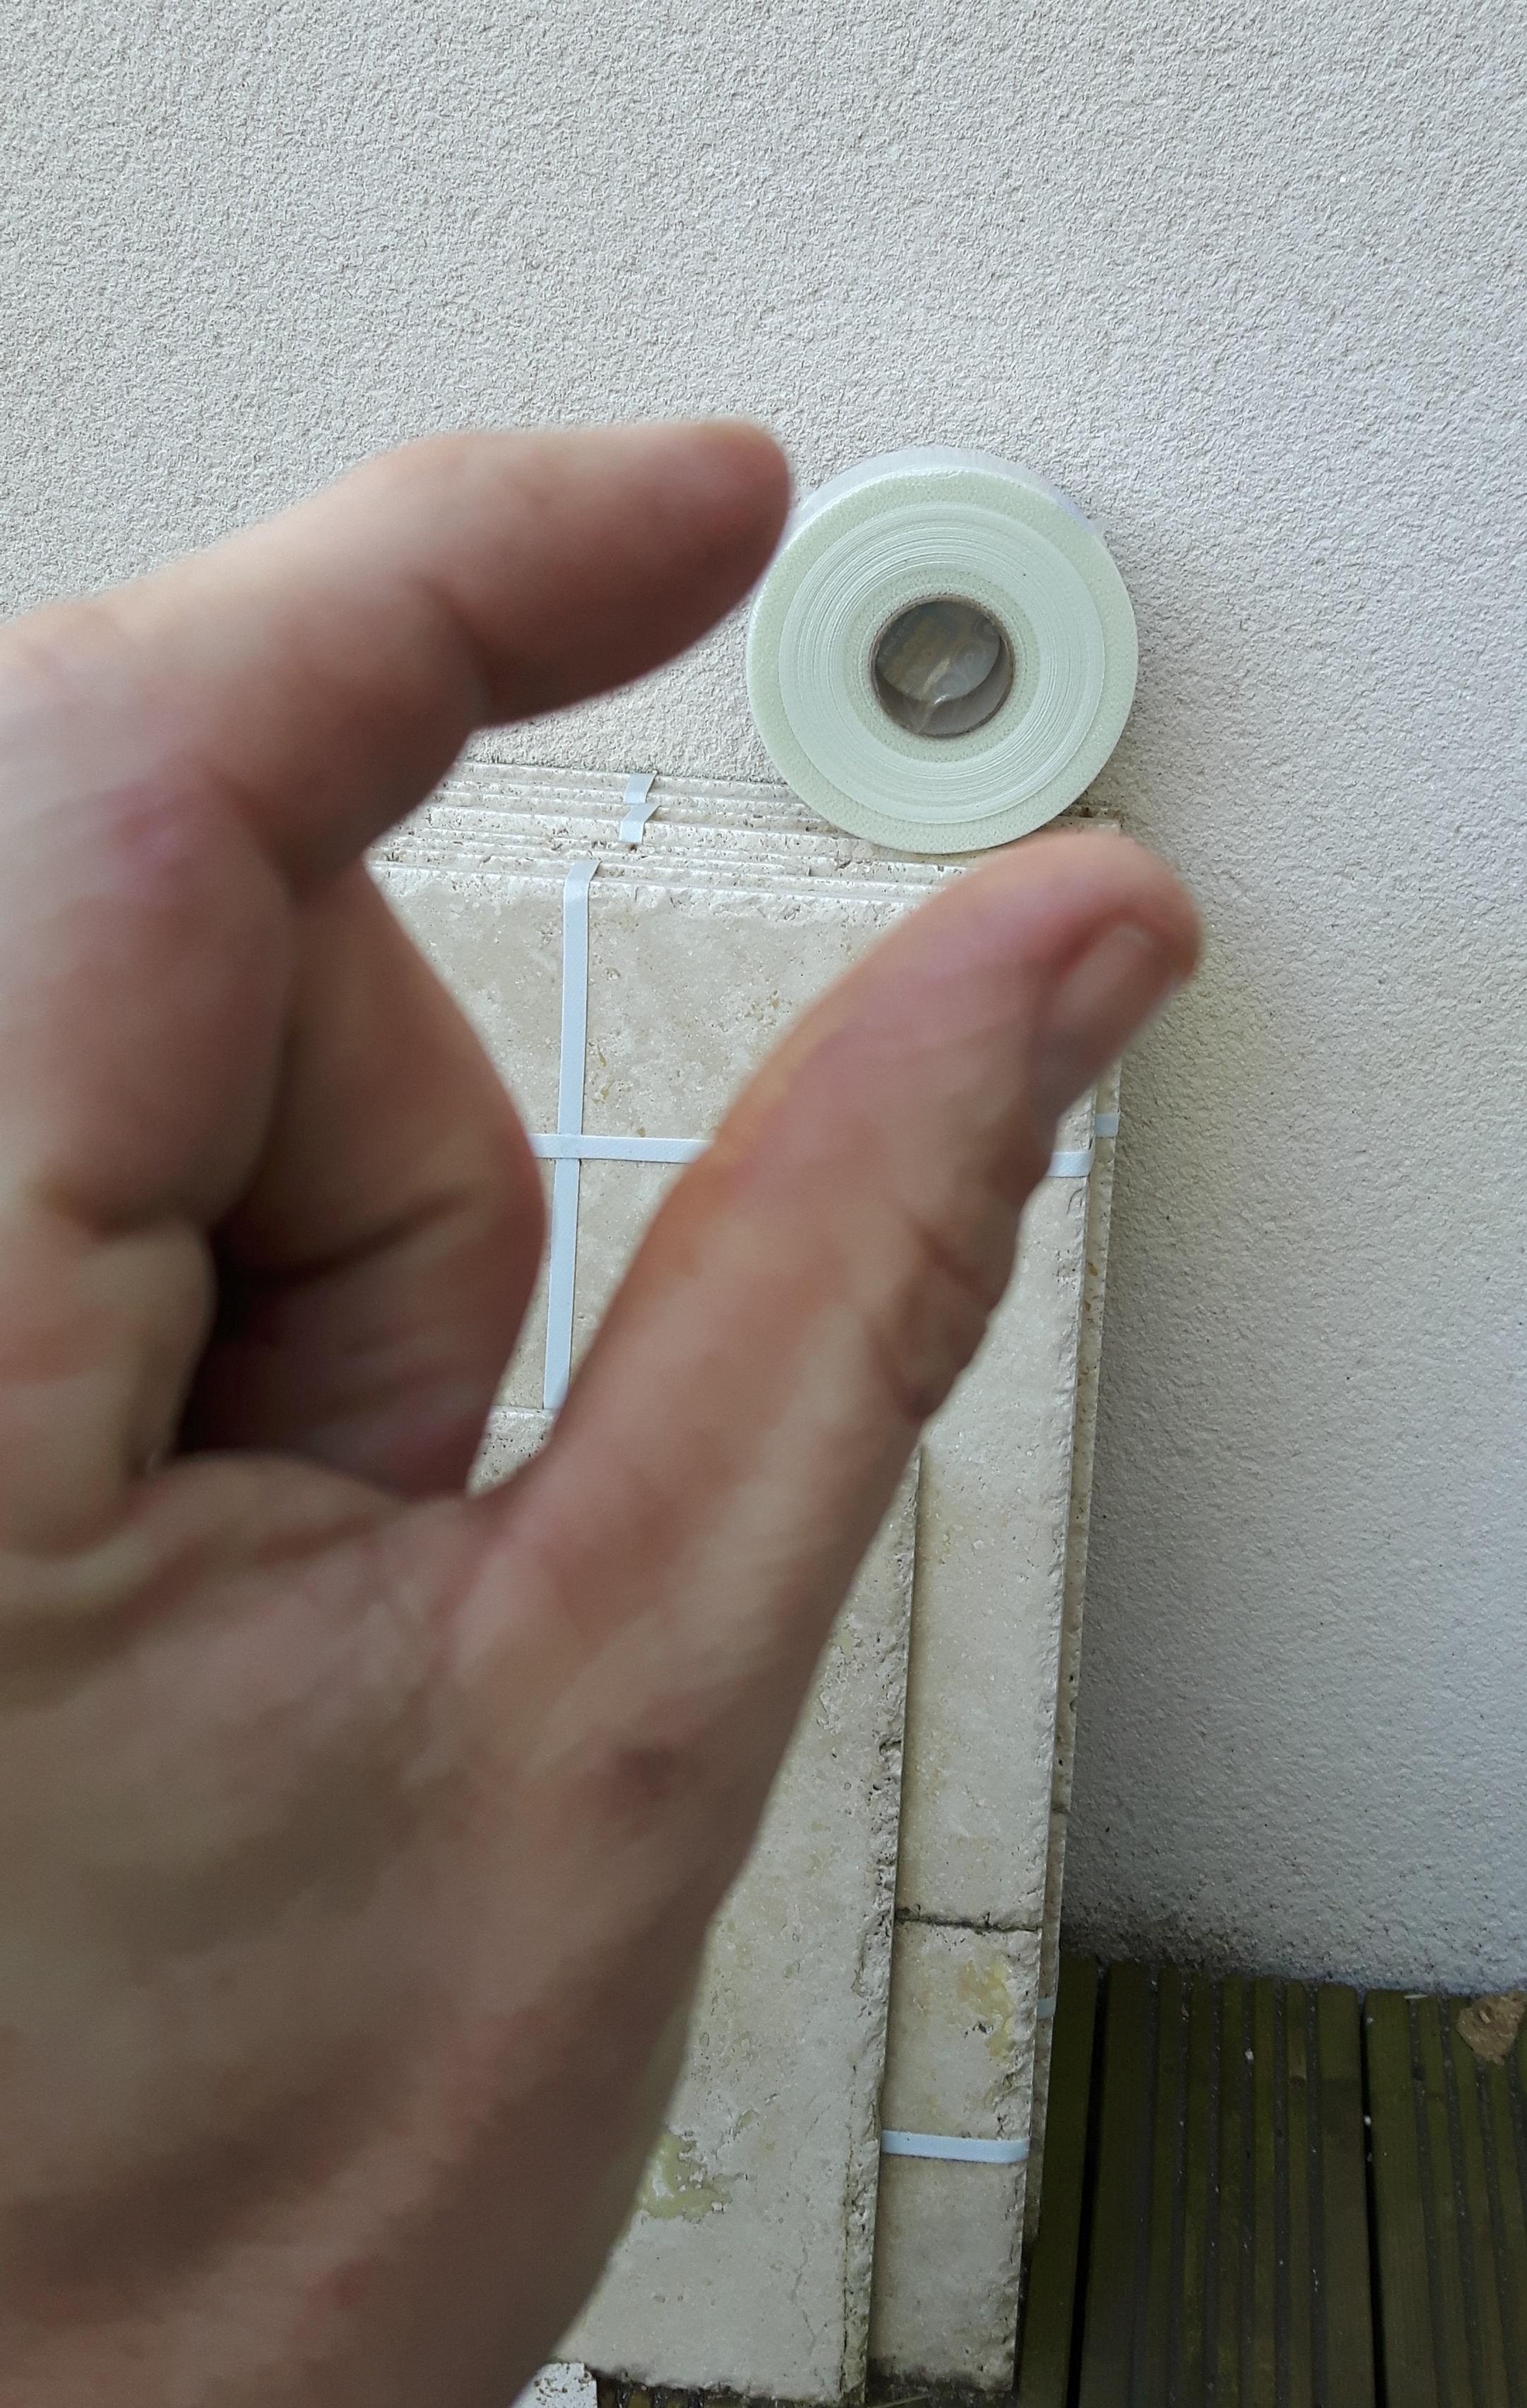 cornelius_tape.jpg